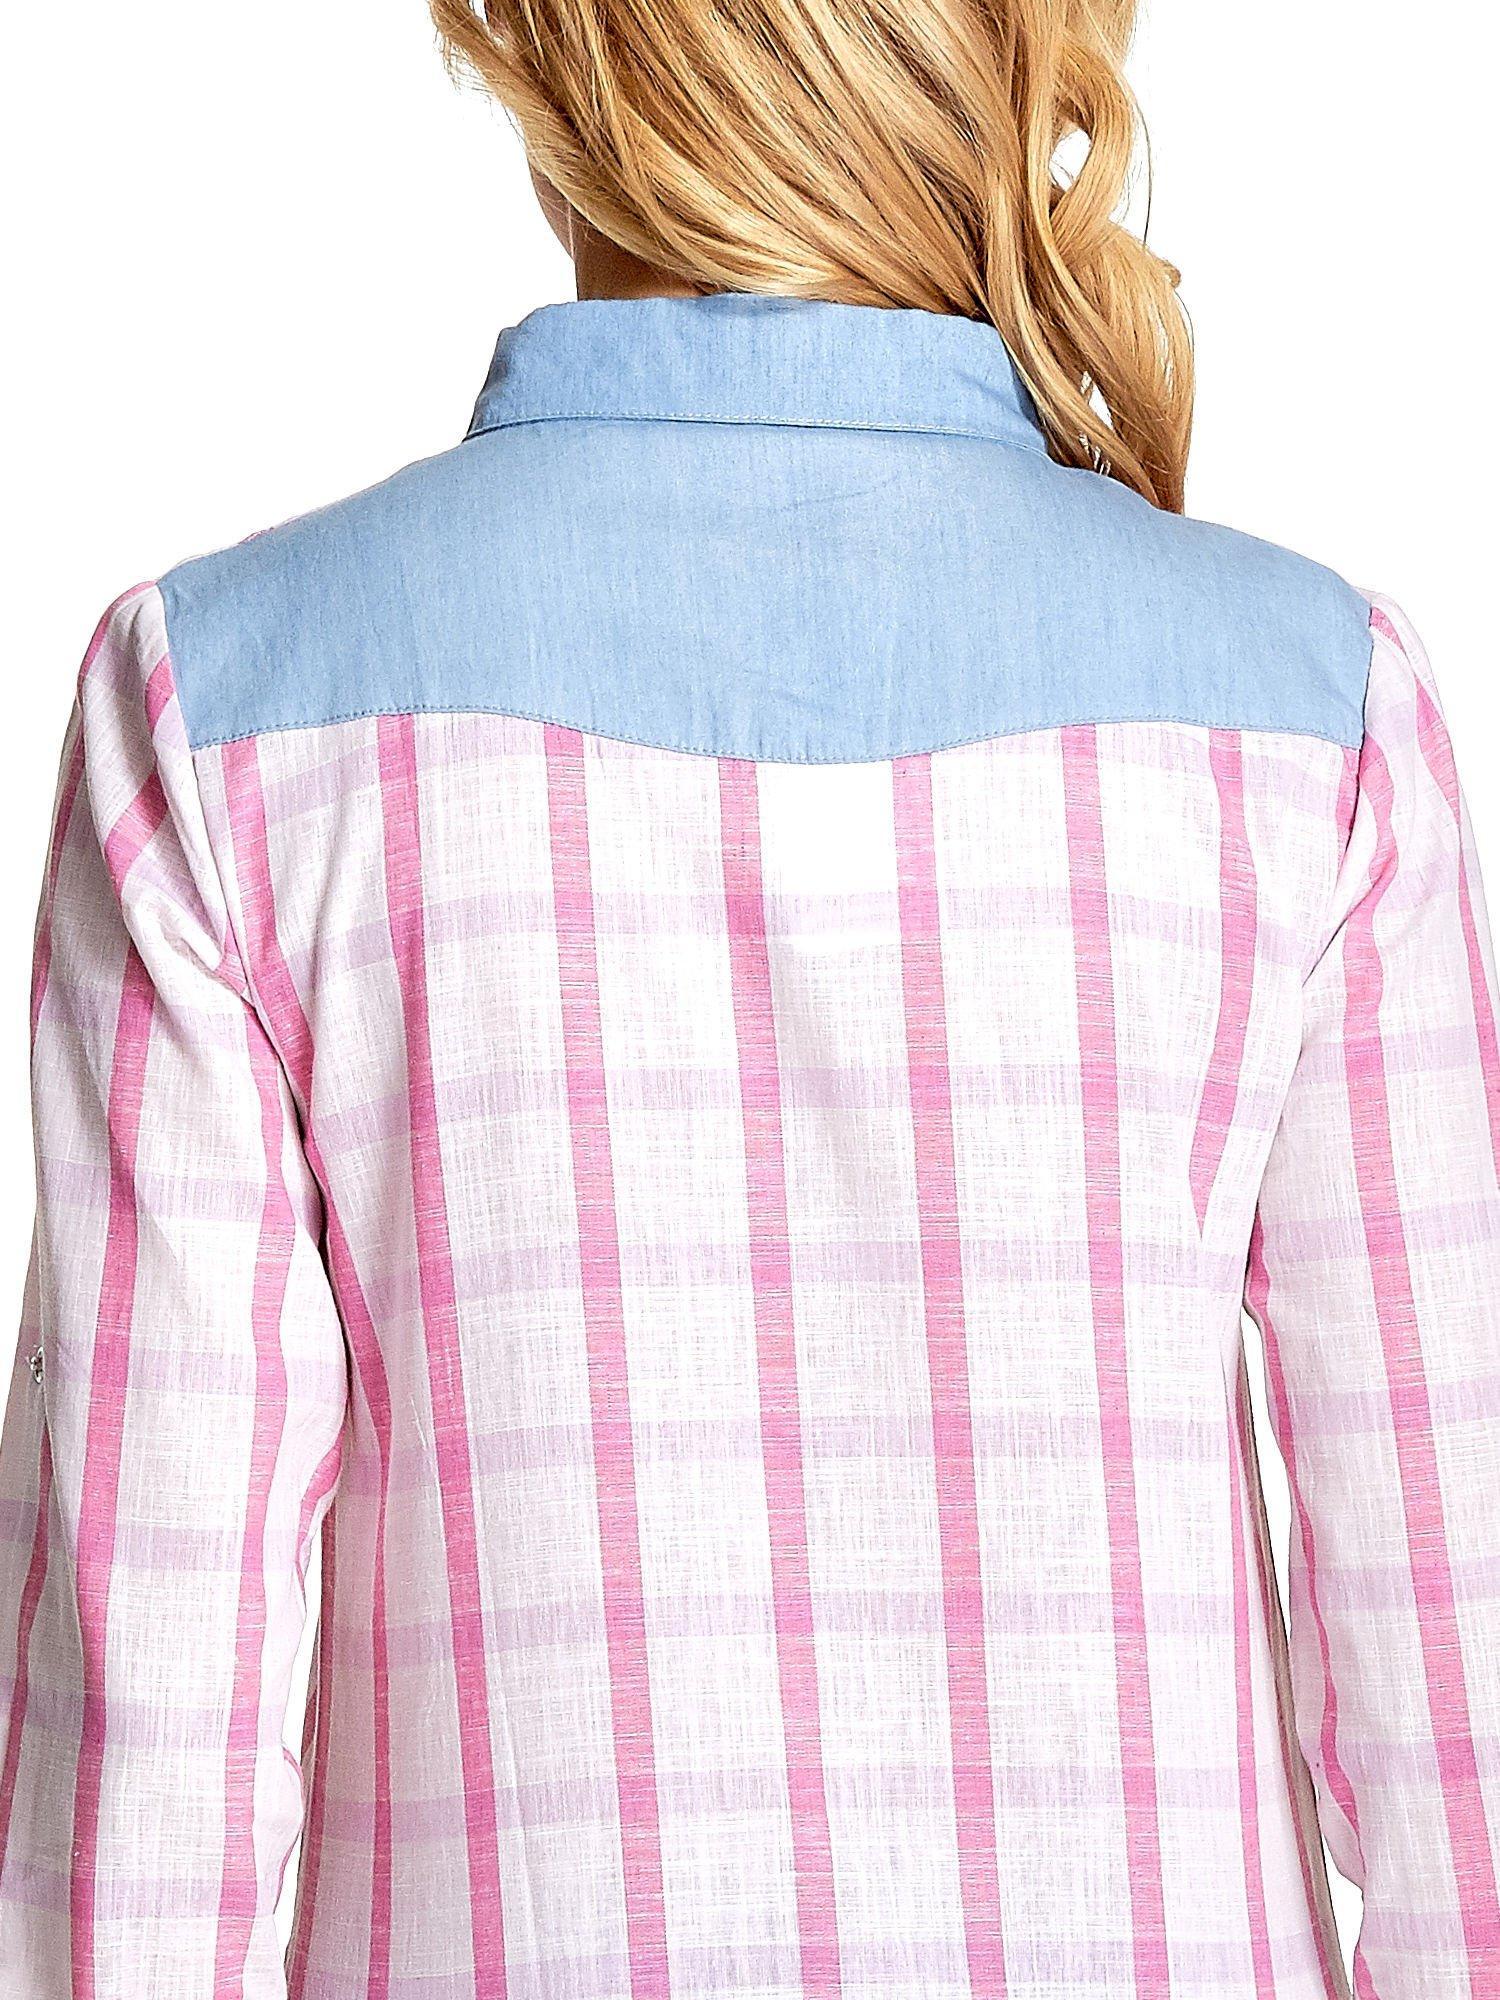 Niebieskoróżowa koszula w kratę z biżuteryjnym kołnierzykiem                                  zdj.                                  8